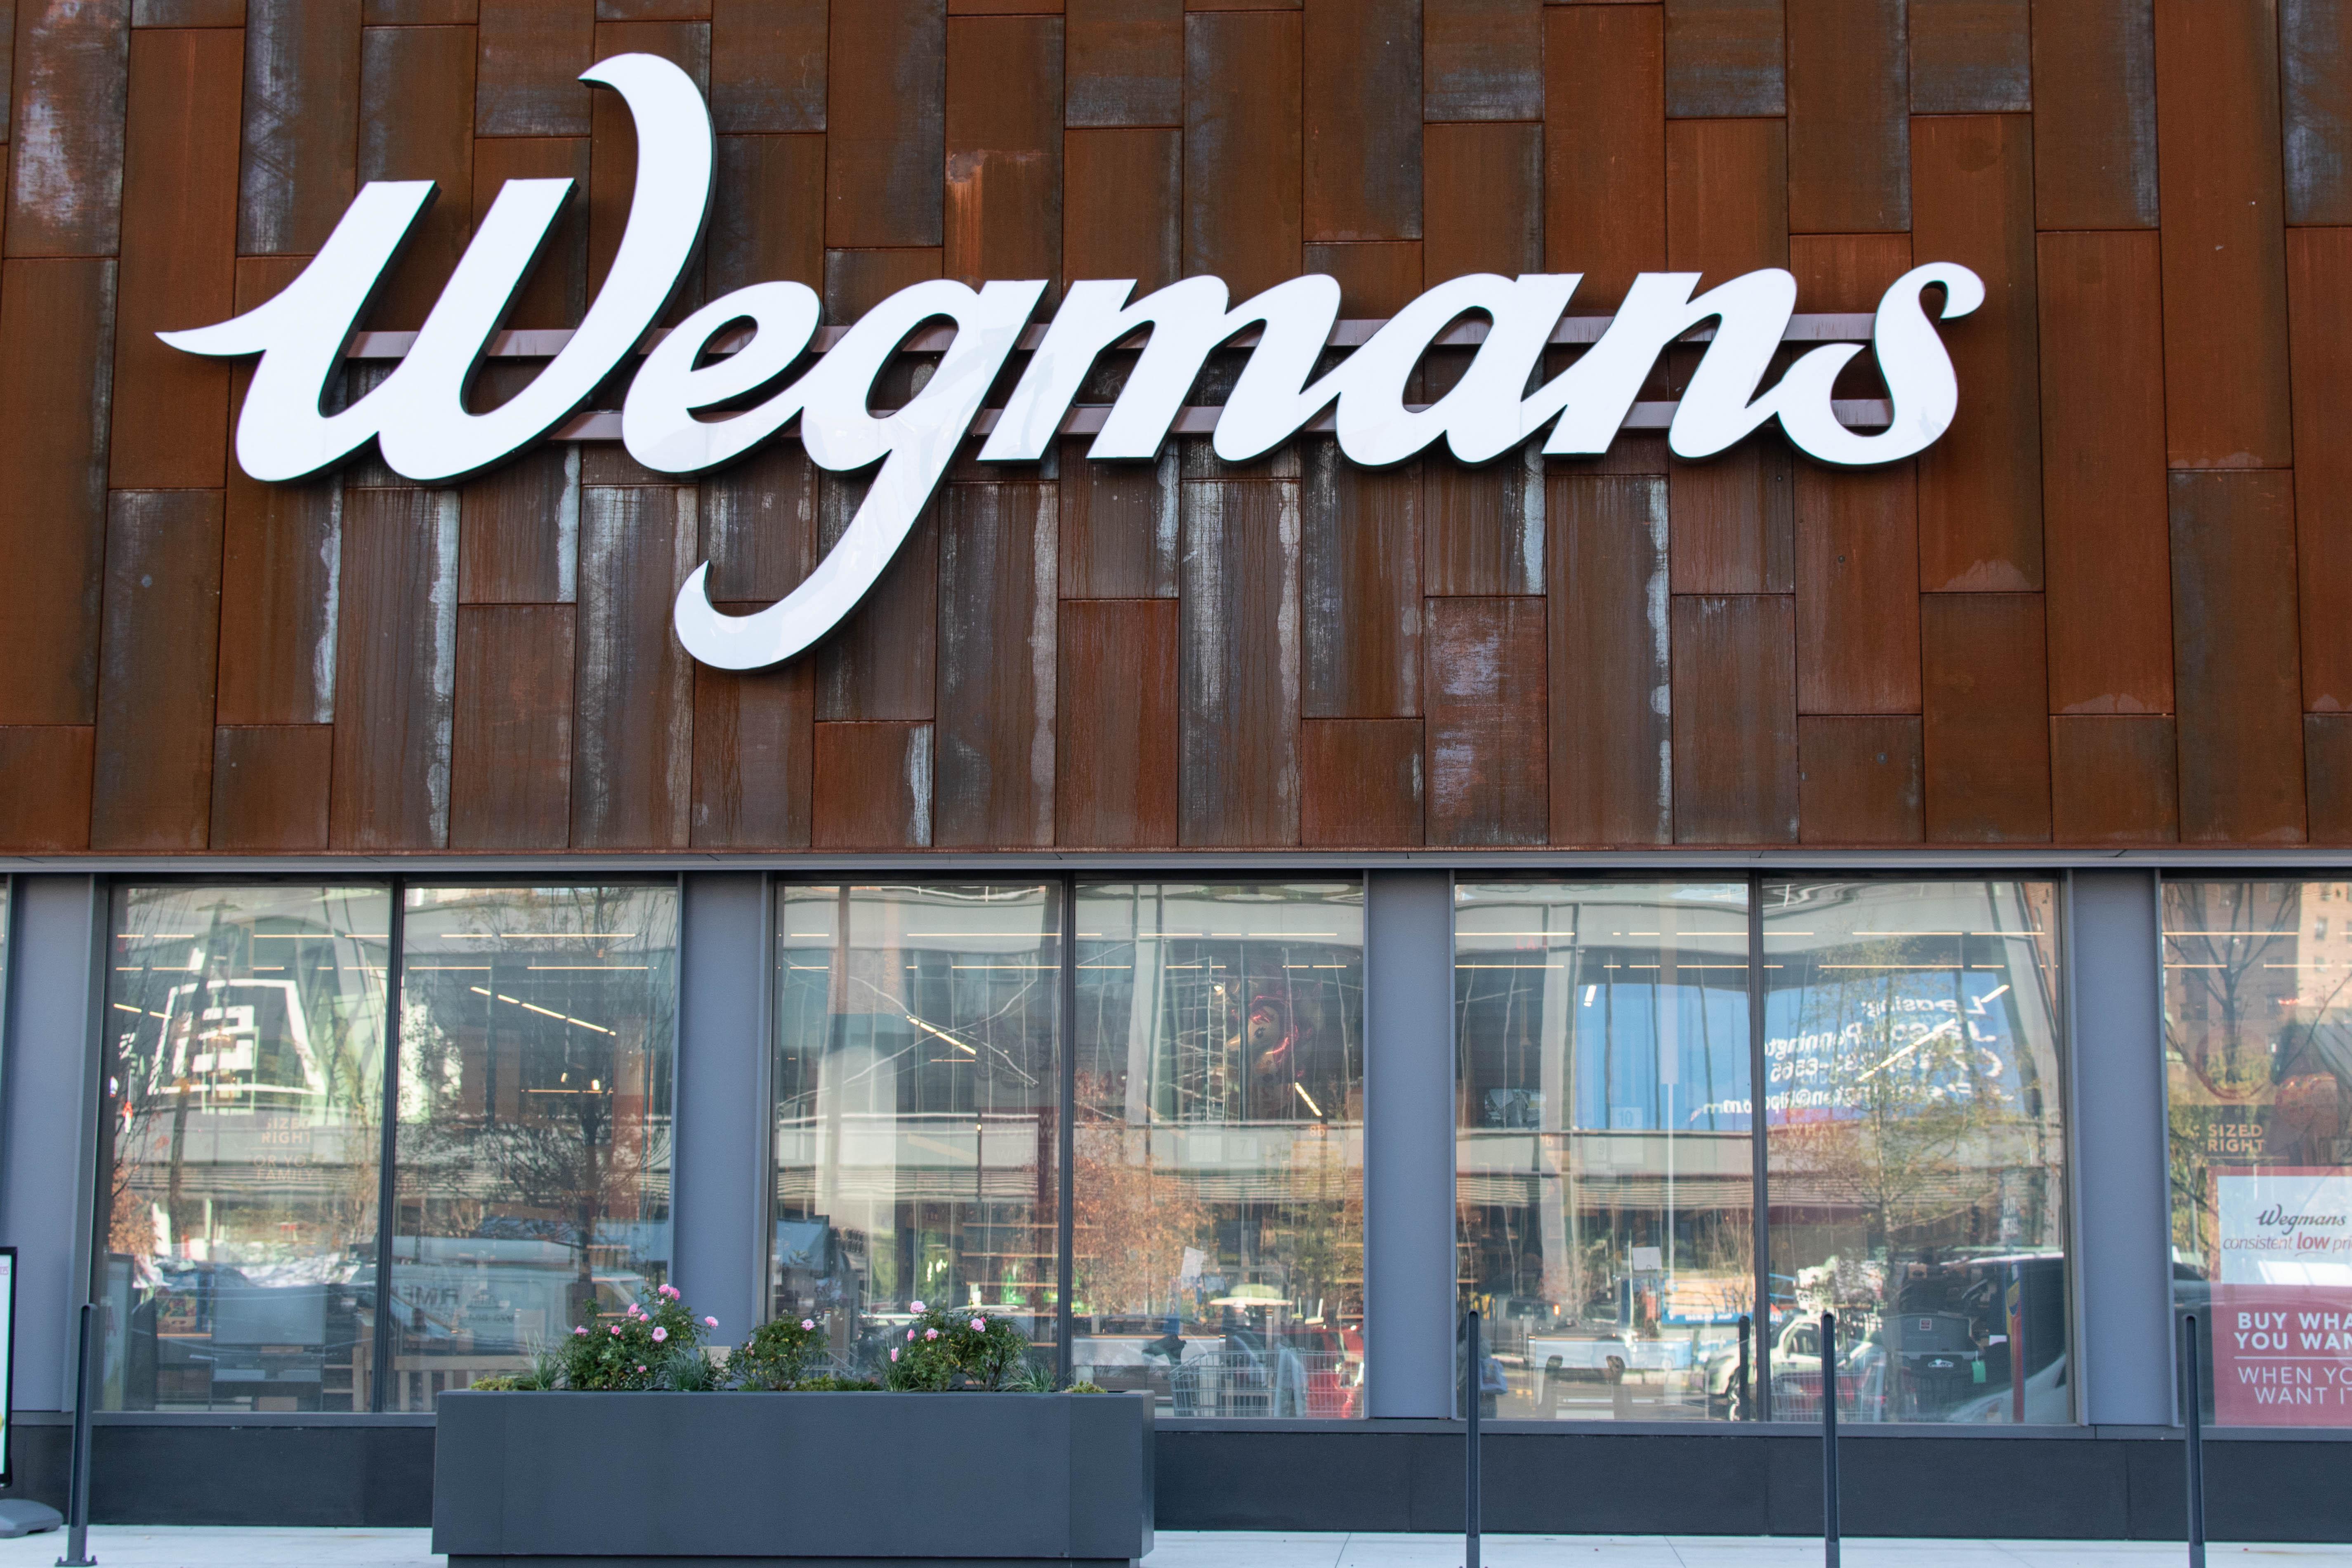 The exterior of Wegmans